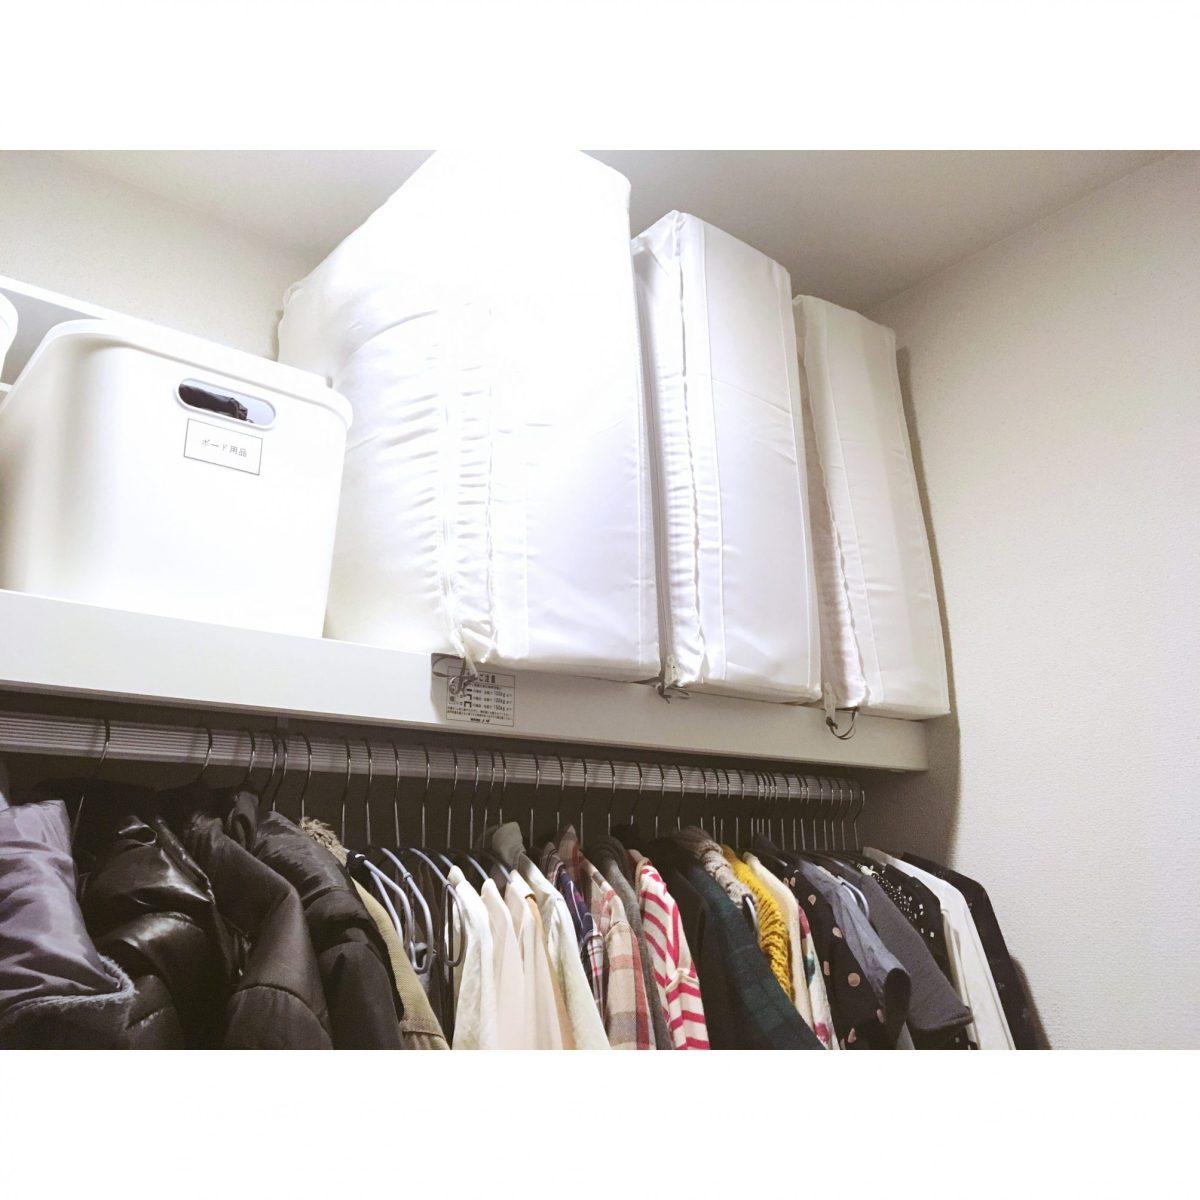 布団収納に困っている人必見‼︎クローゼットにも布団が収まるケースがあります(*´꒳`*)